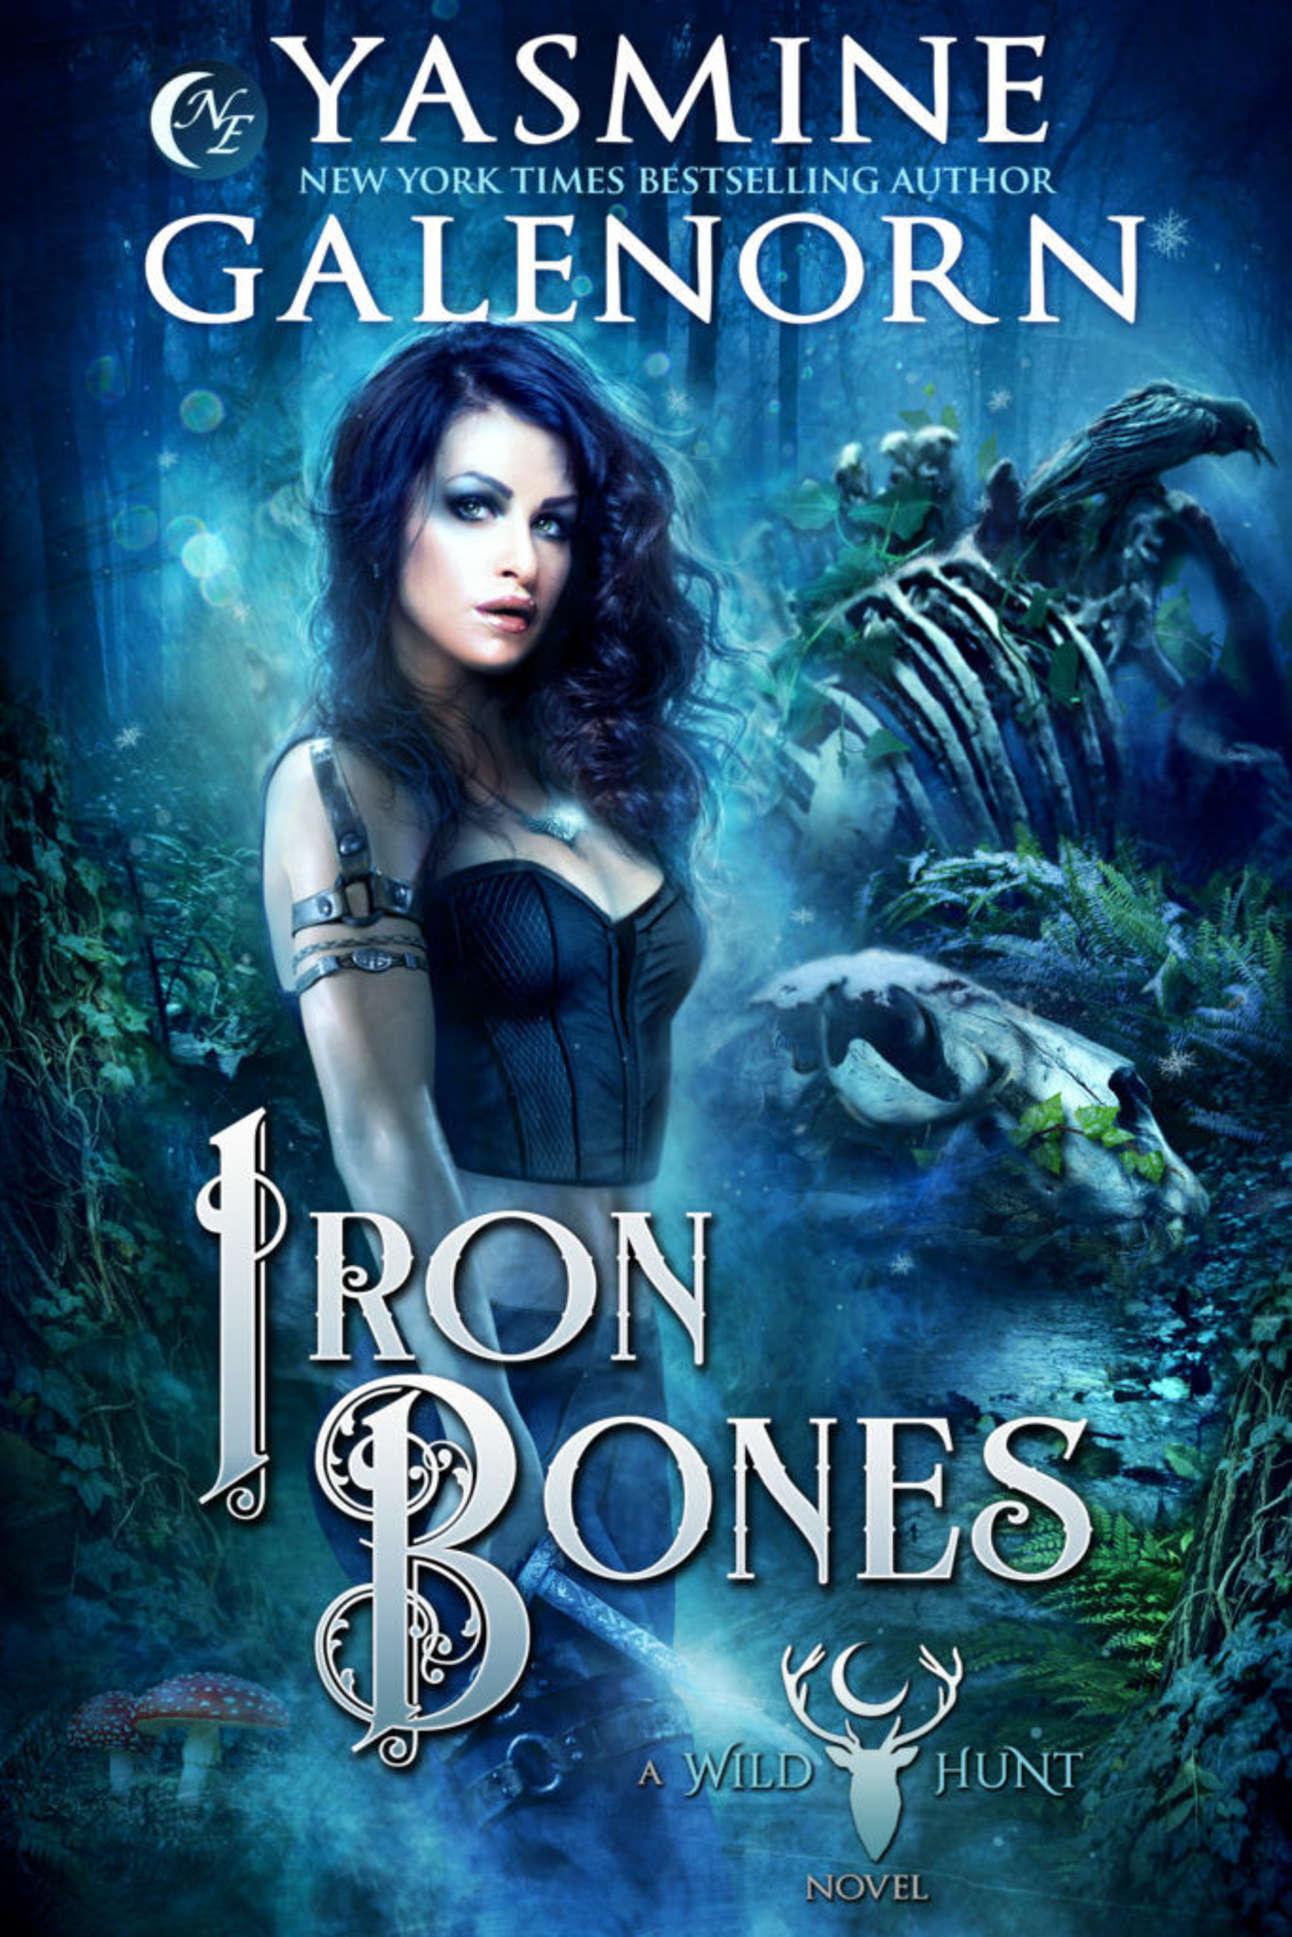 Iron Bones